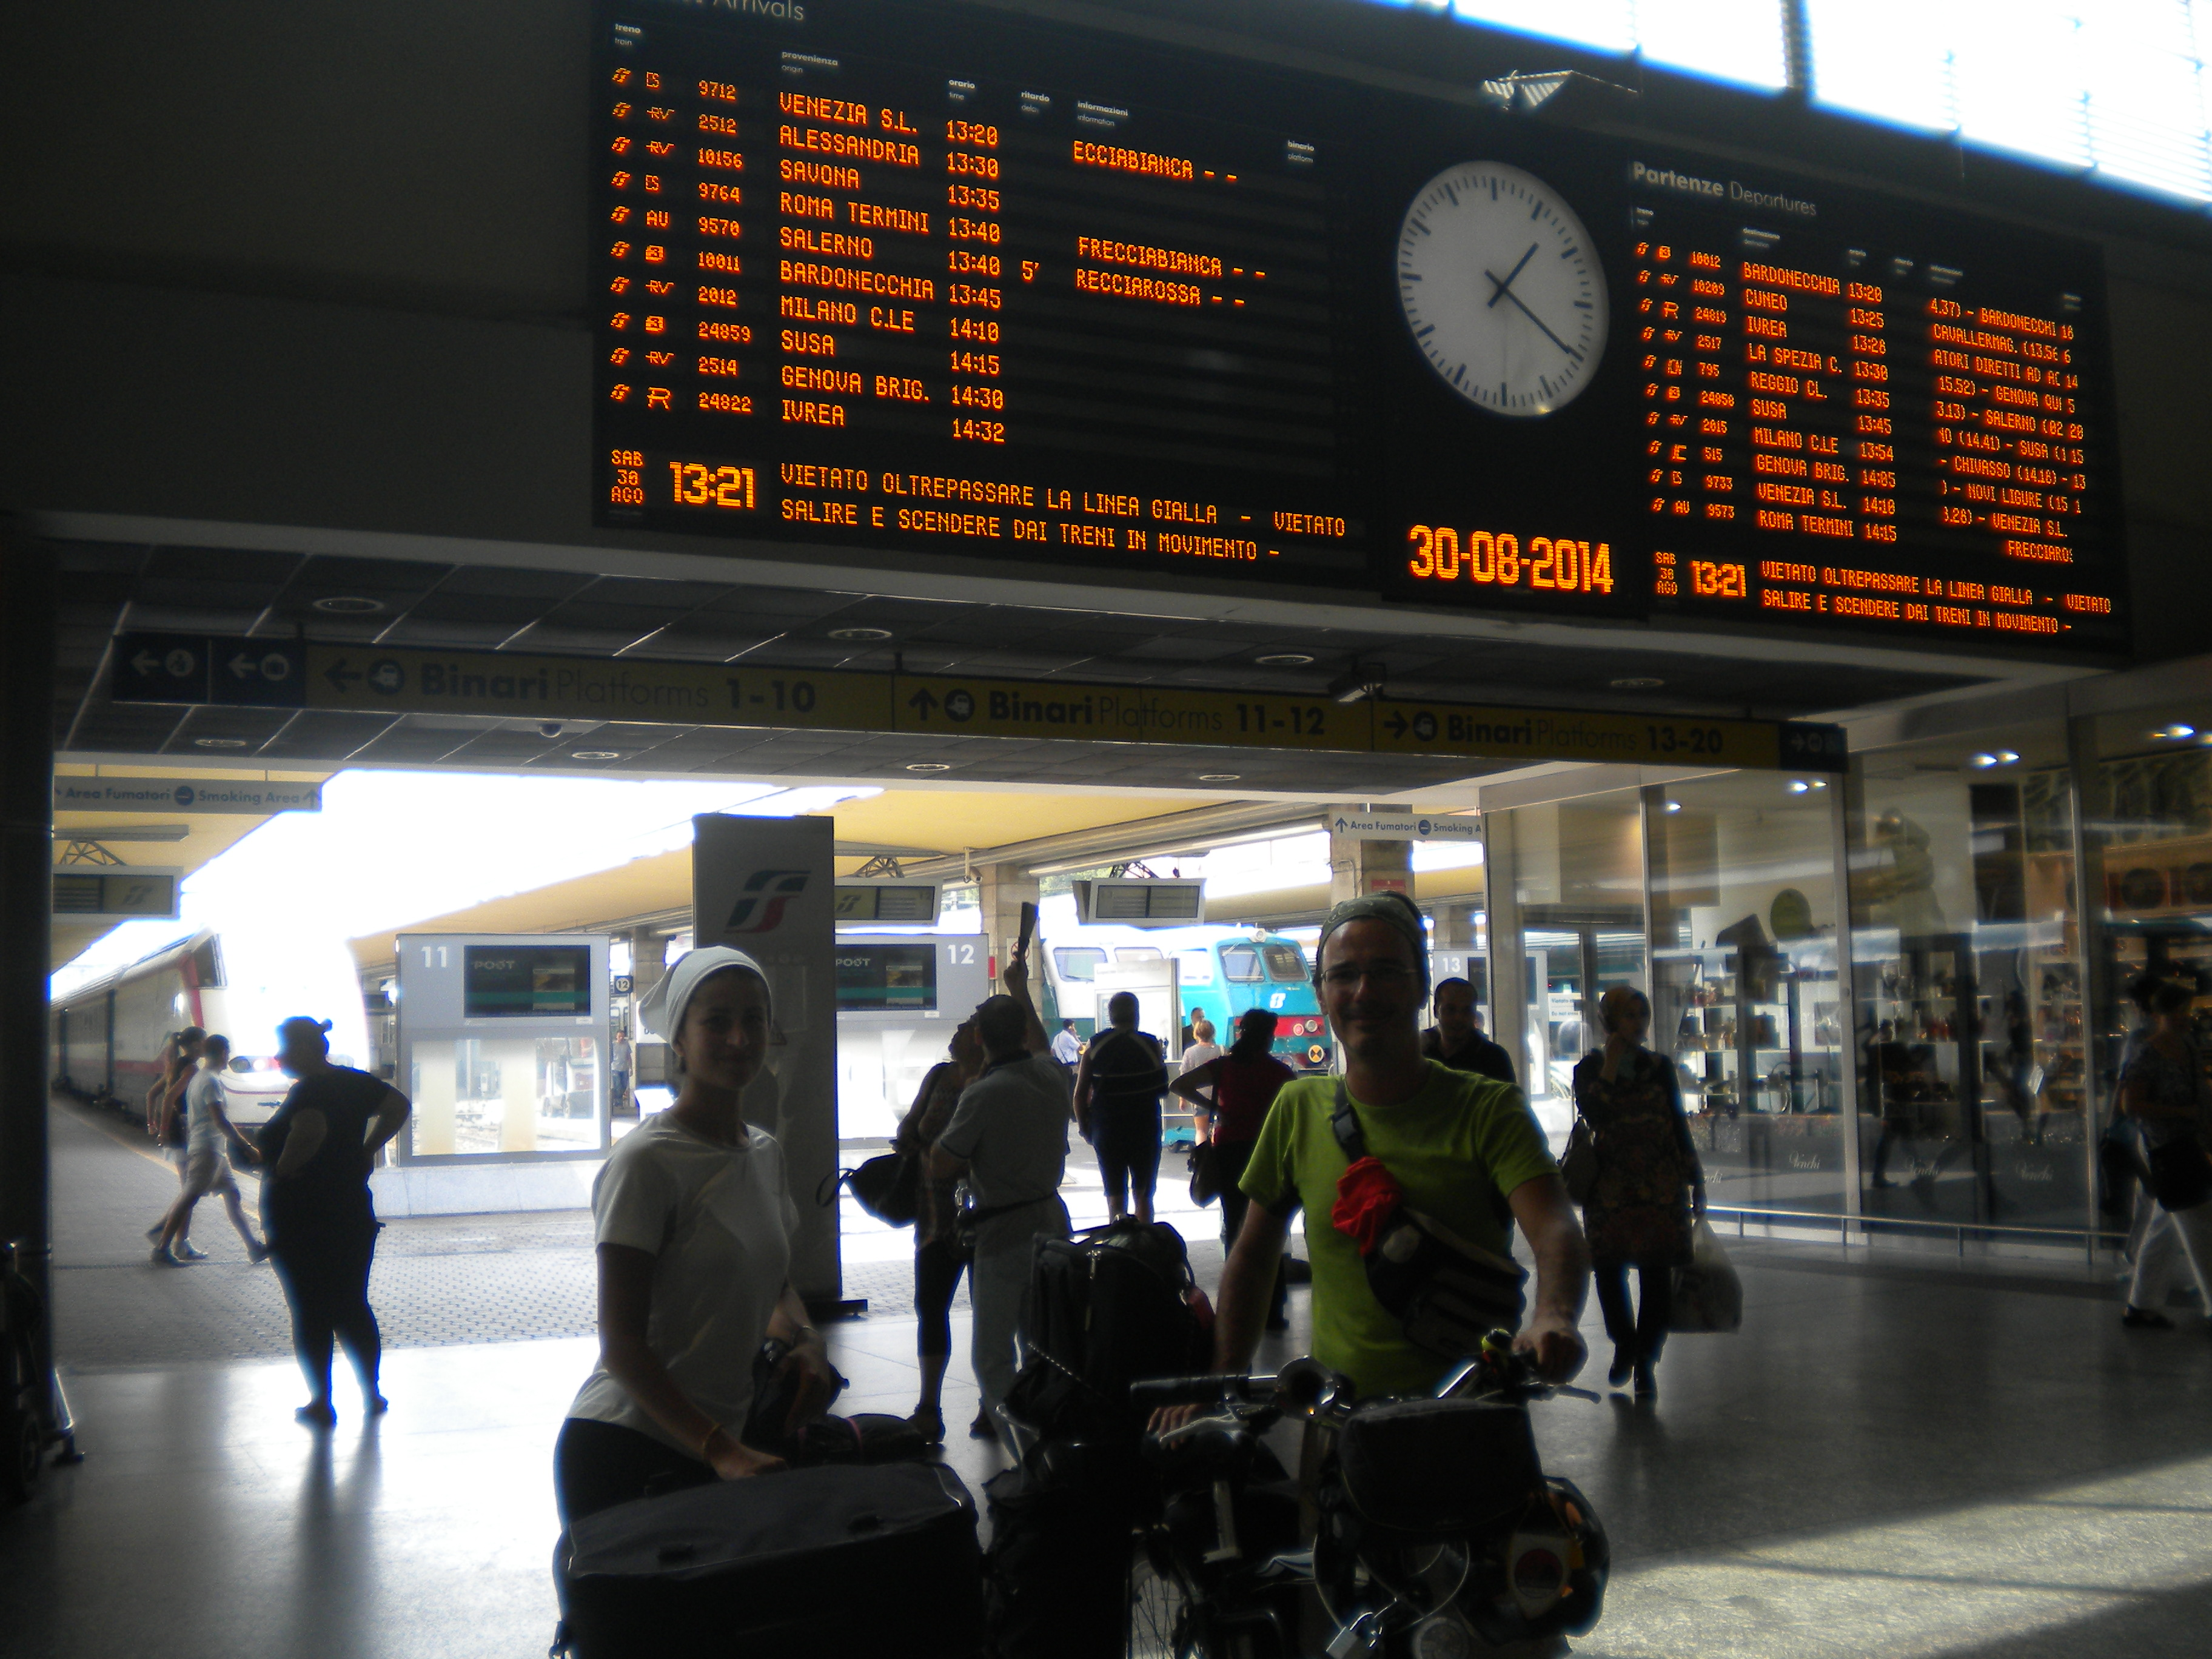 Nica e Daniele al rientro alla stazione di Torino